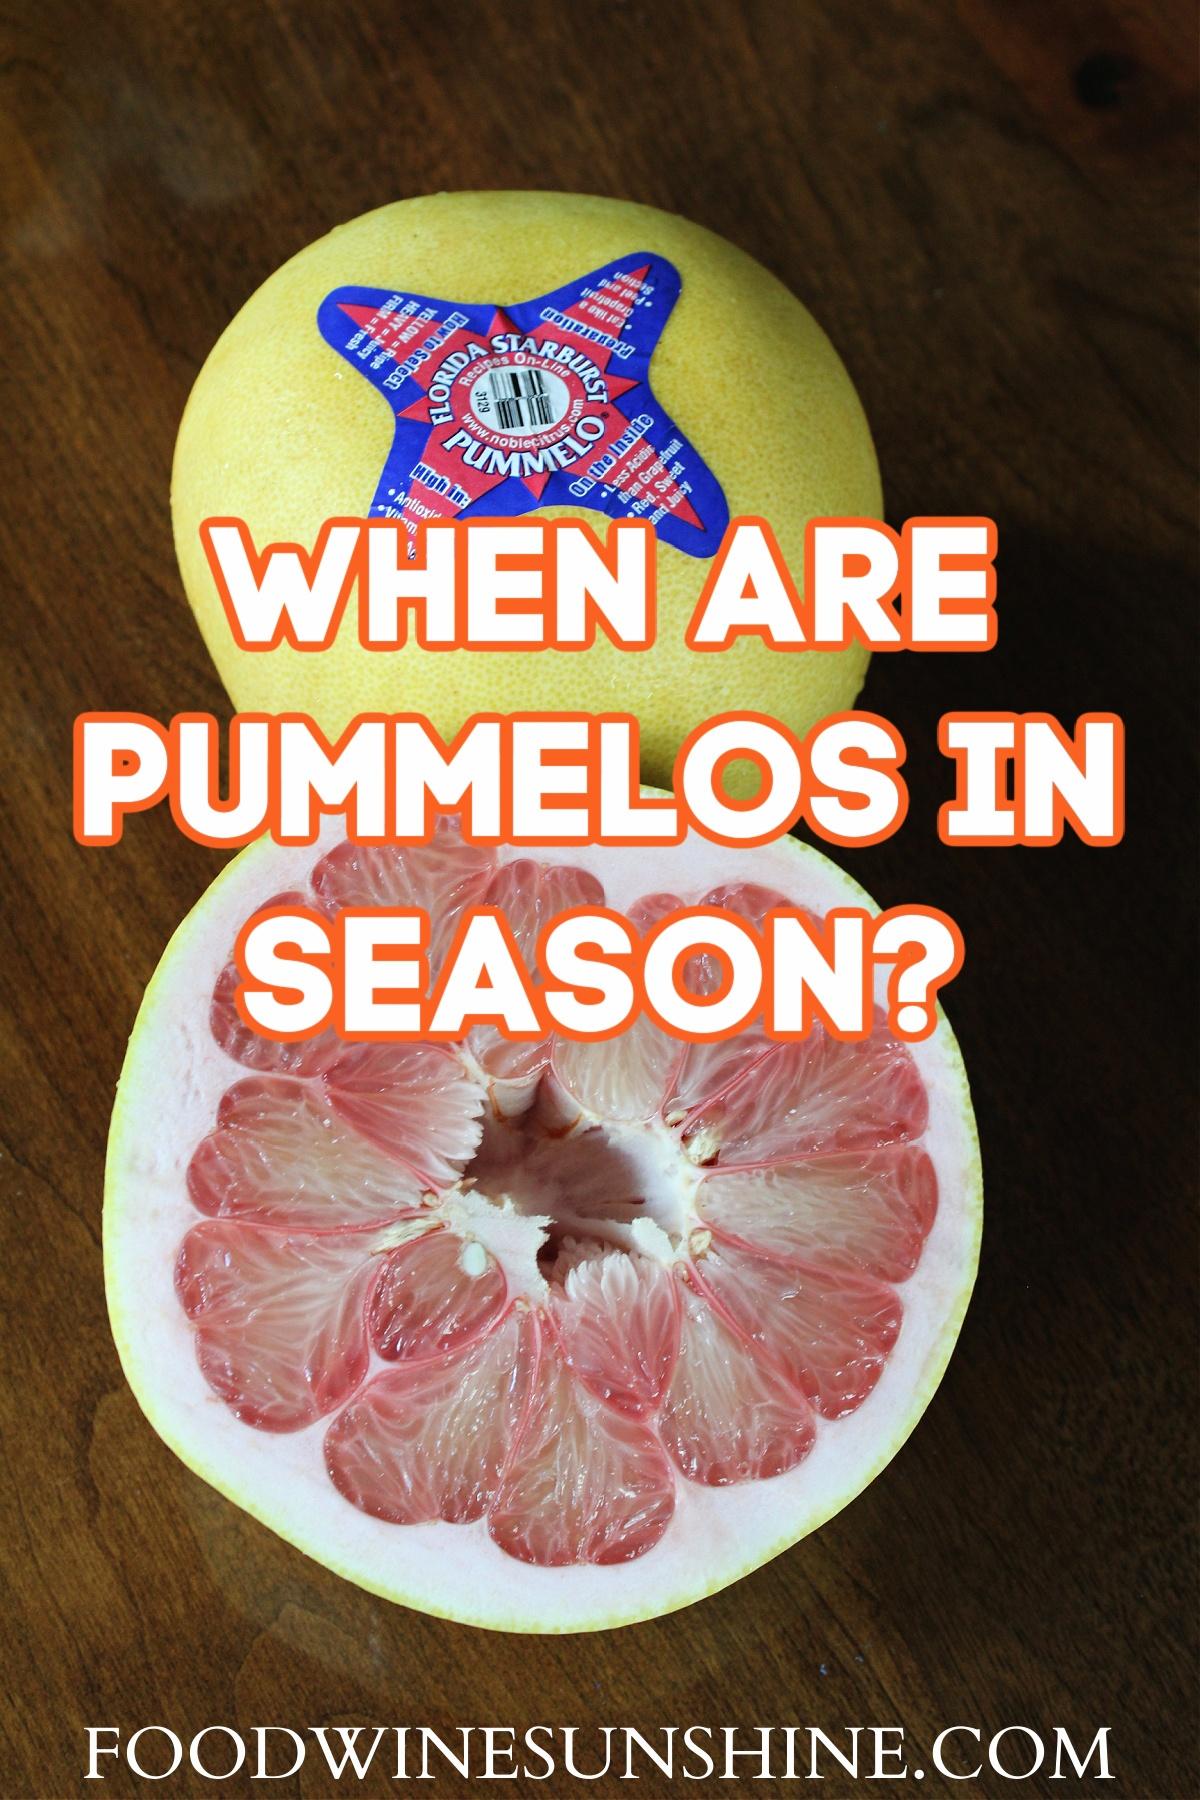 When Are Florida Pummelos In Season?